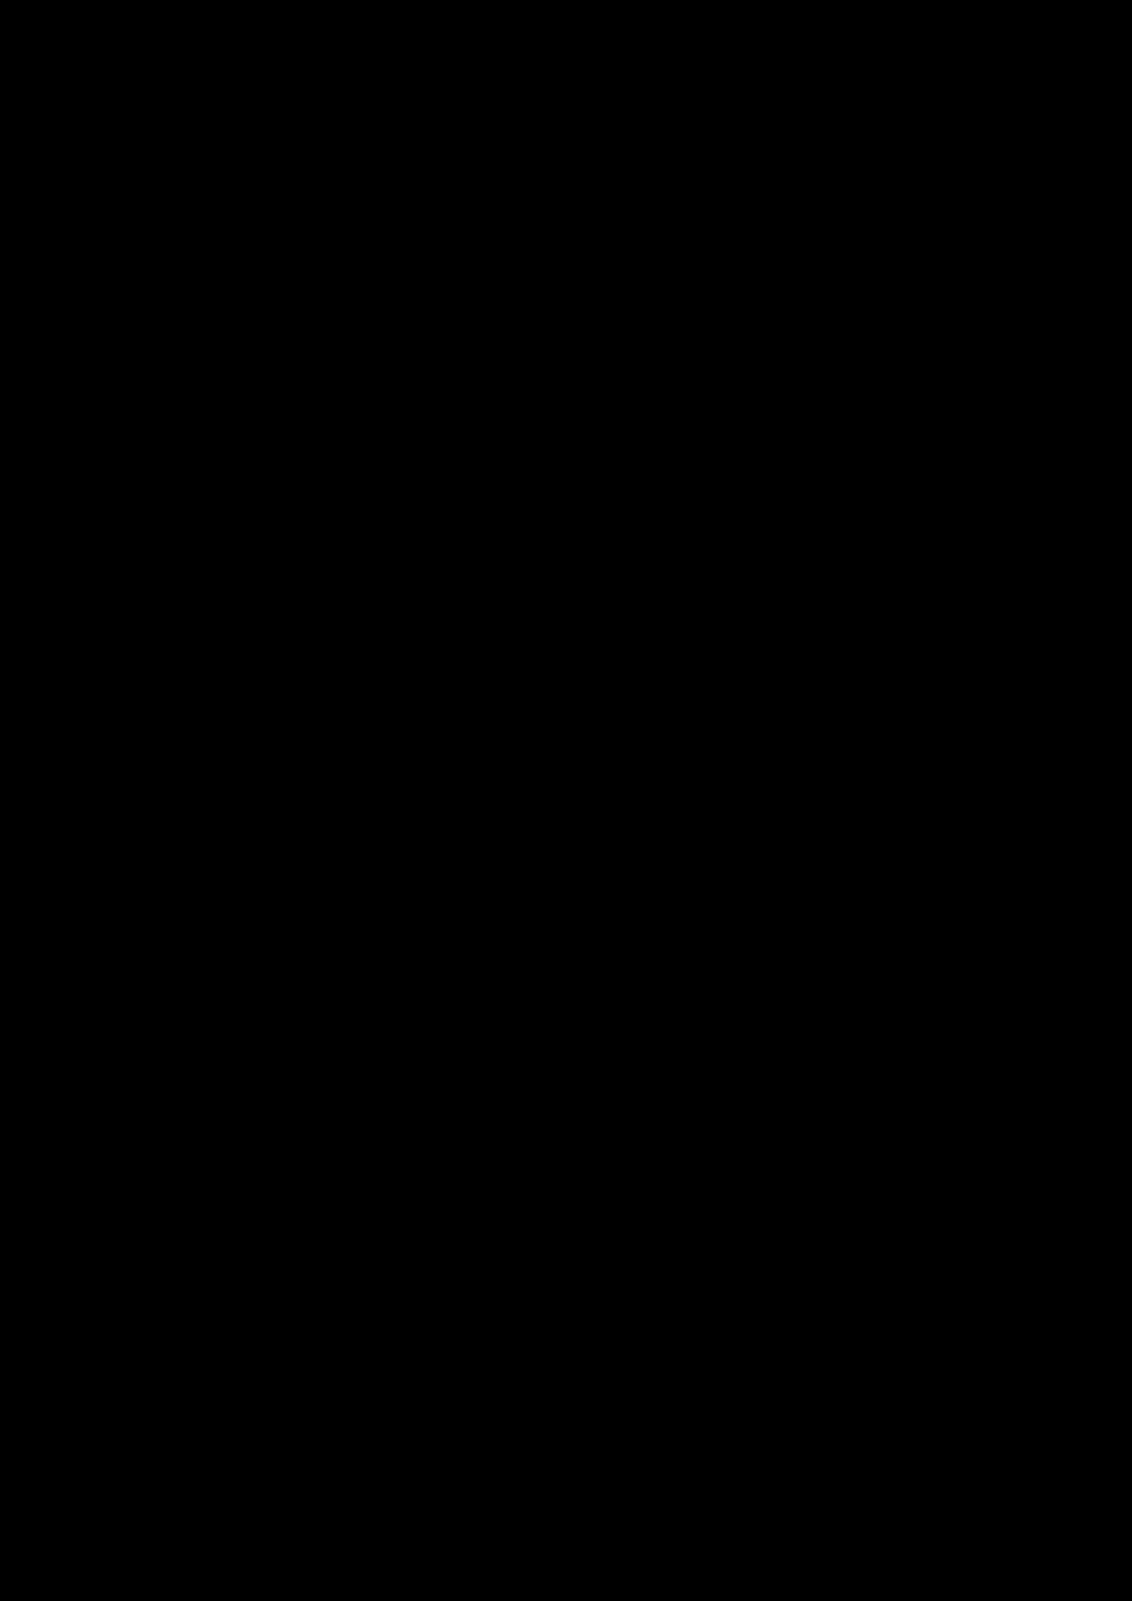 Zagadka volshebnoy stranyi slide, Image 13